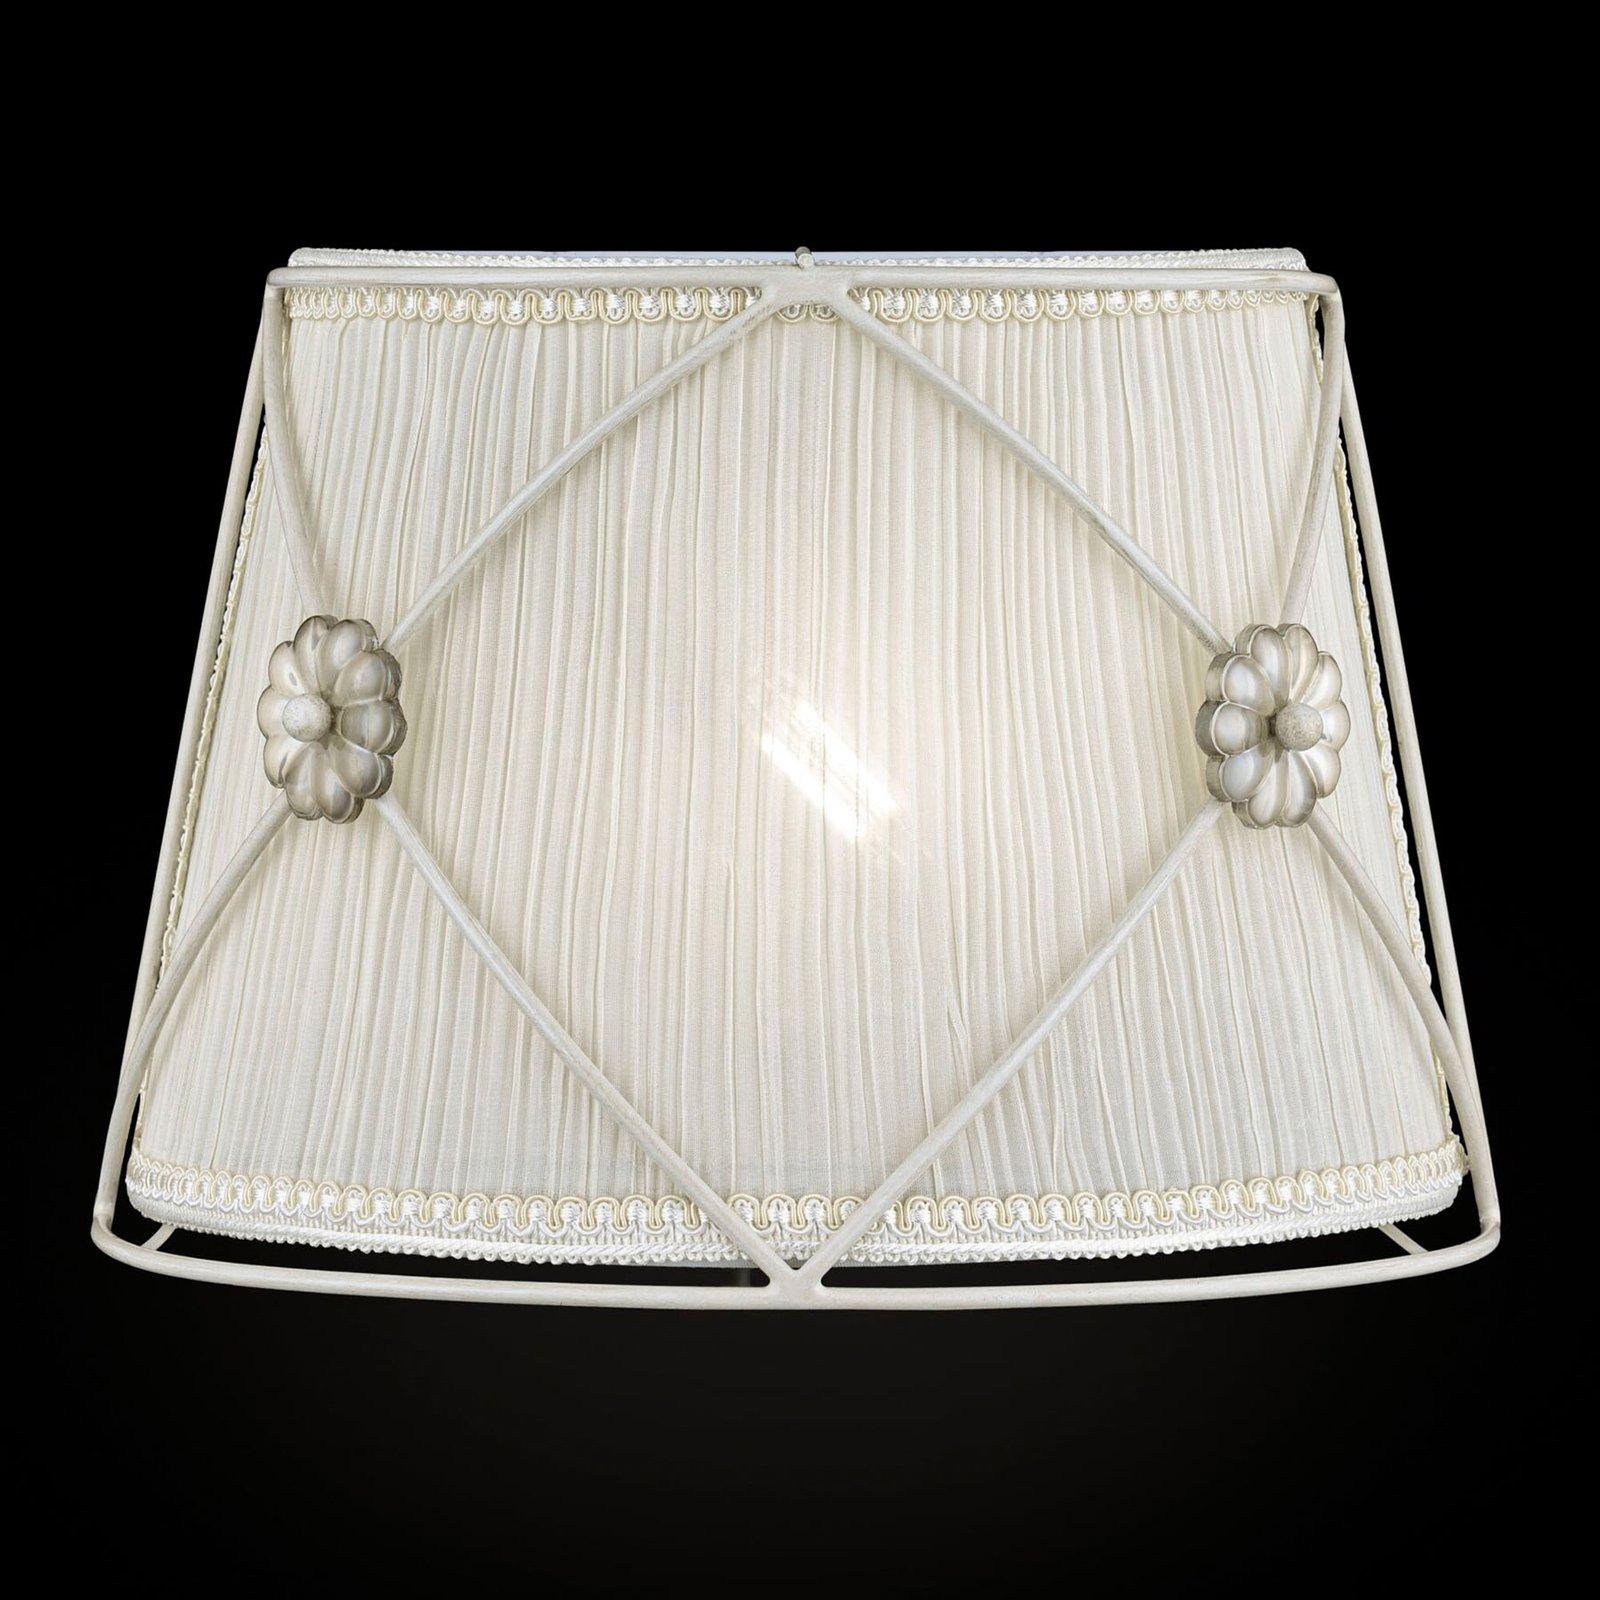 Vegglampen Lea med fine krystallblomster